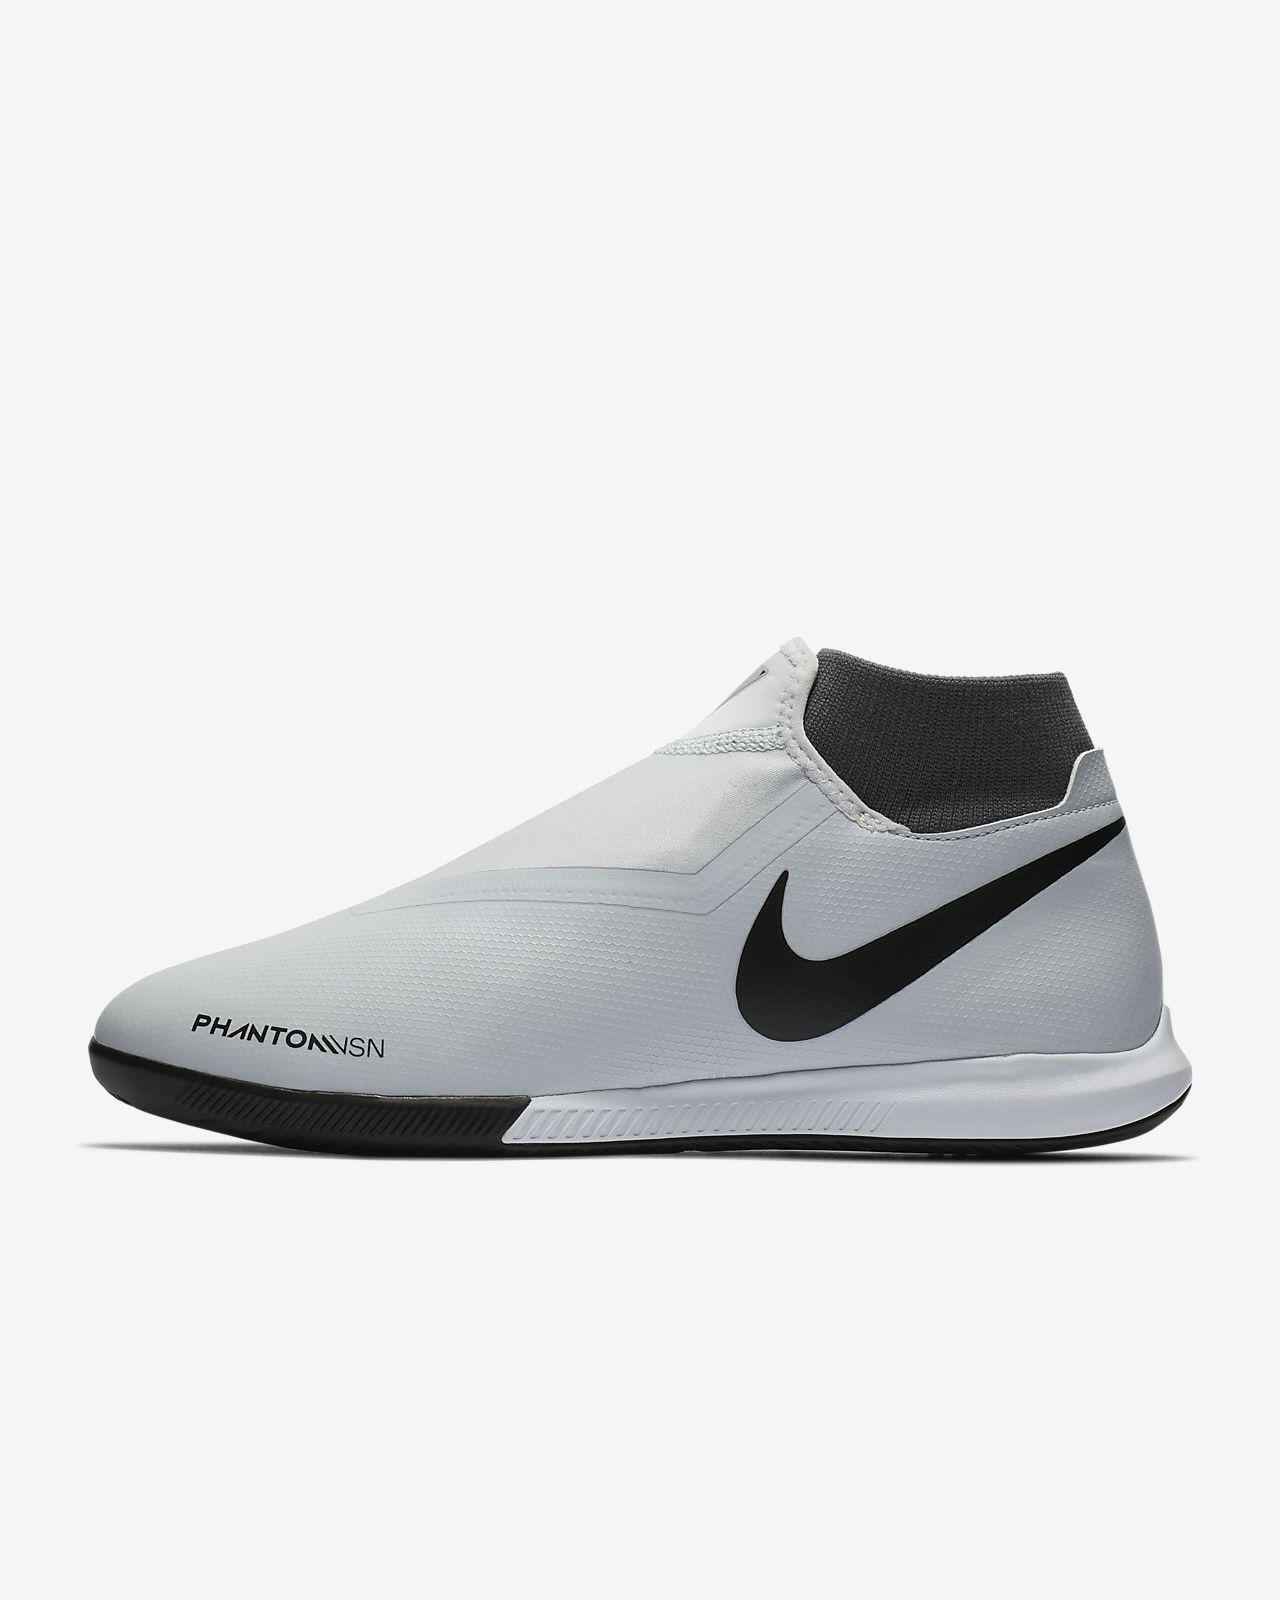 Nike Phantom Vision Academy Dynamic Fit IC Fußballschuh für Hallen und Hartplatz